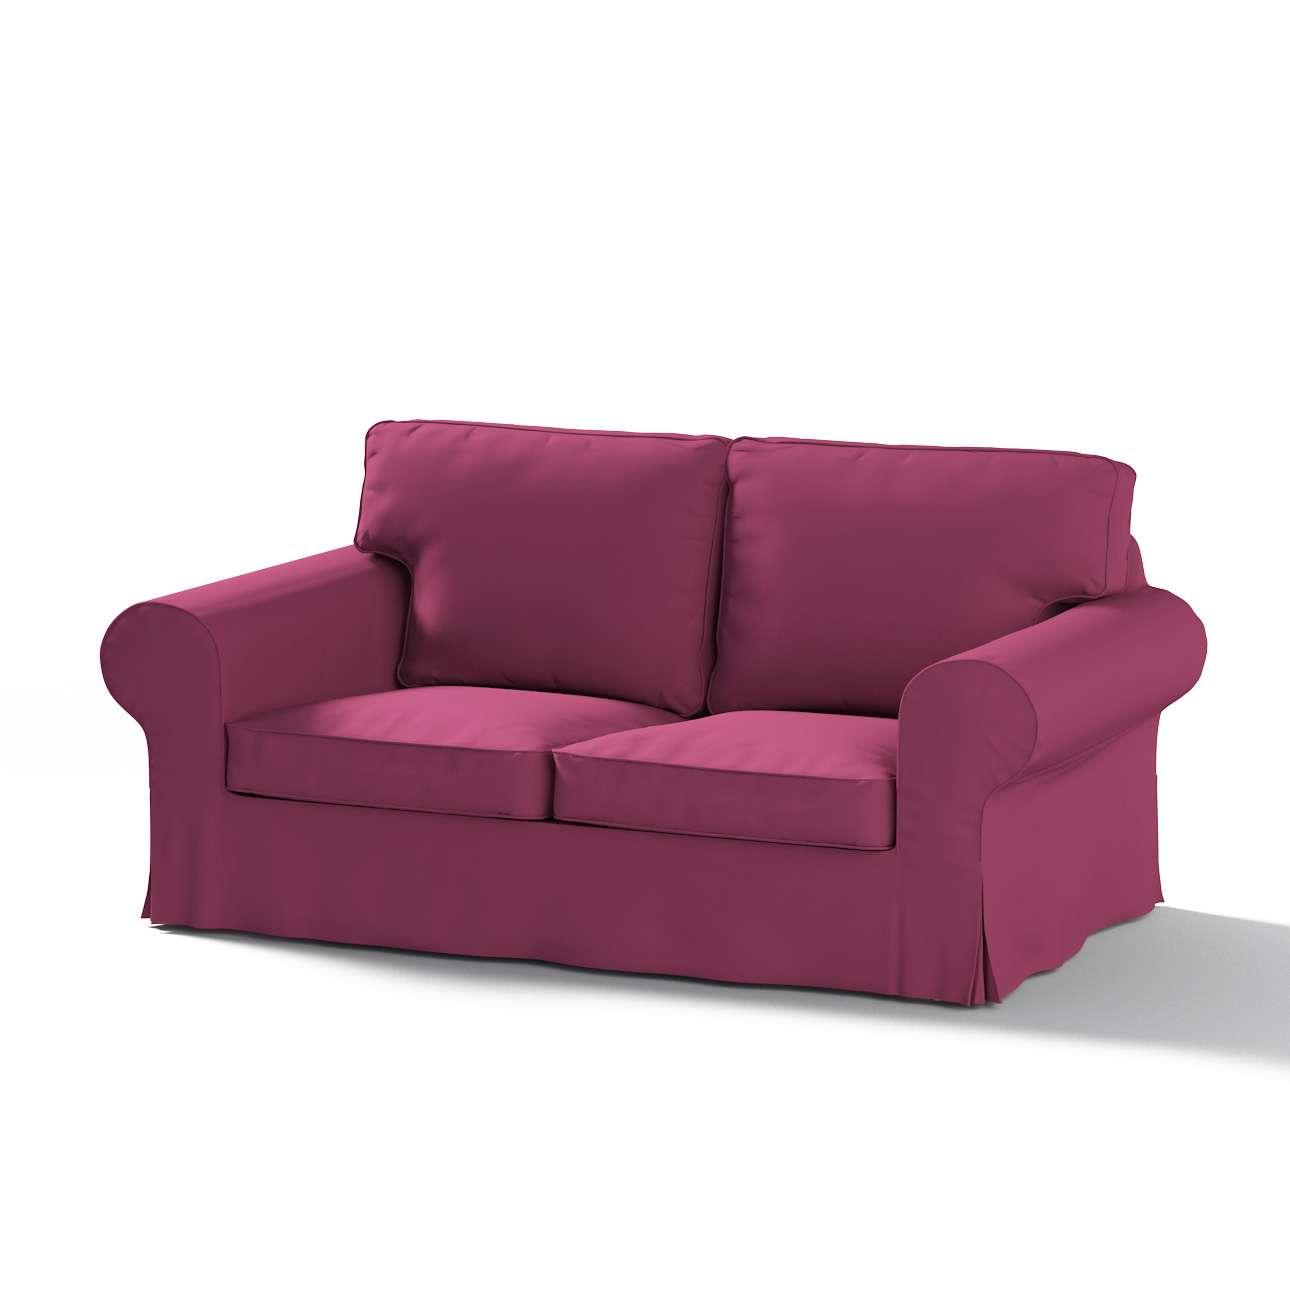 Pokrowiec na sofę Ektorp 2-osobową, rozkładaną, model do 2012 w kolekcji Cotton Panama, tkanina: 702-32